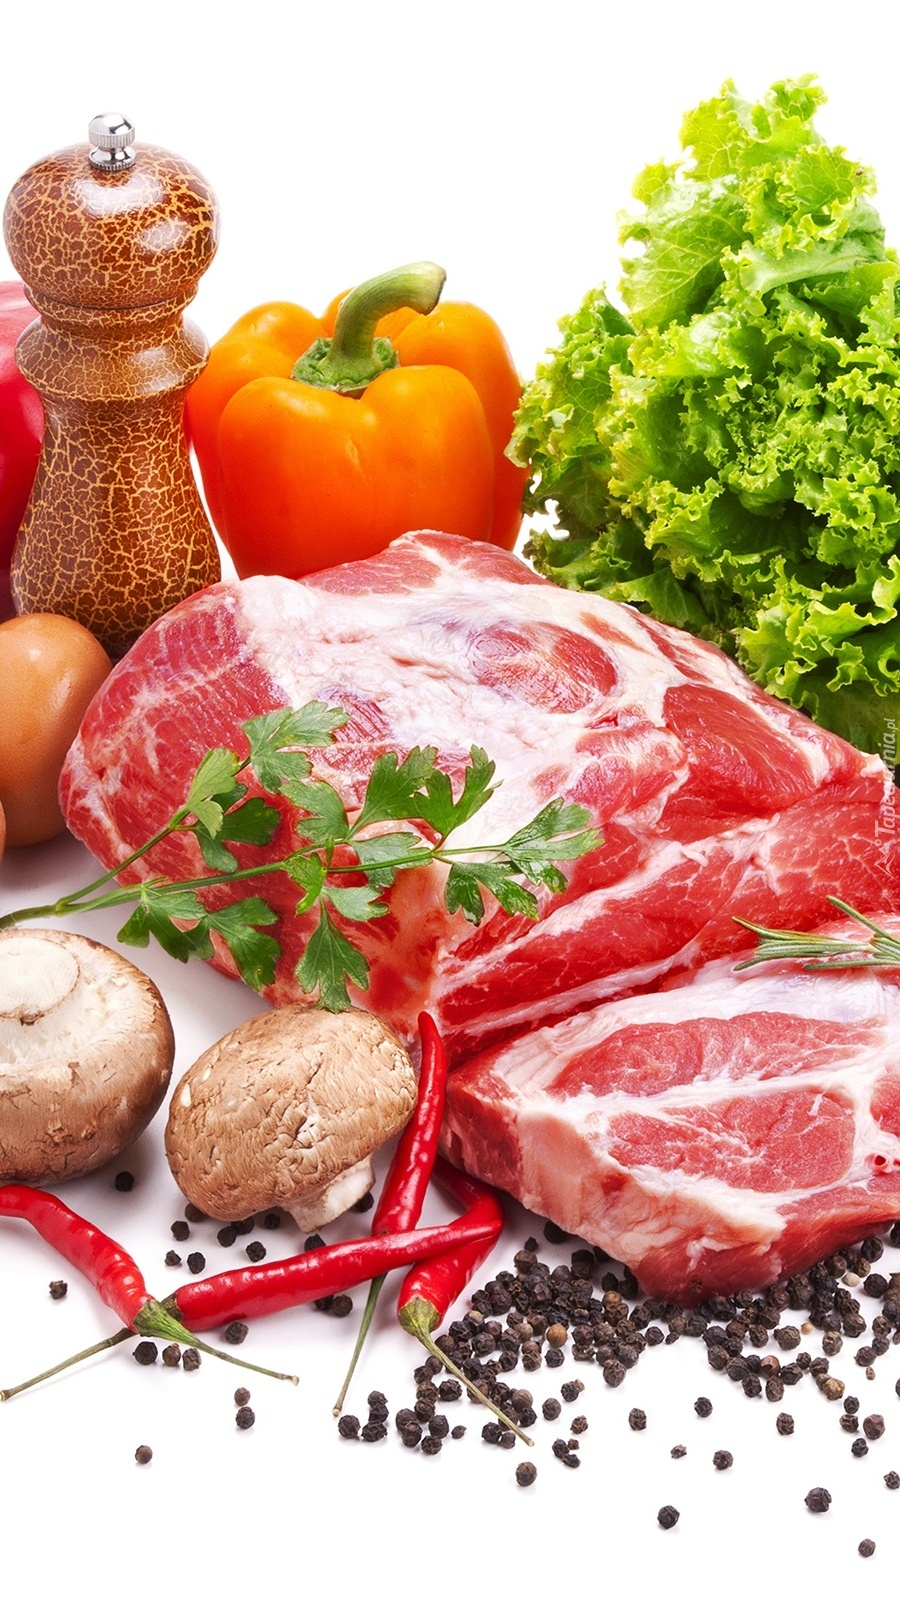 Mięso z przyprawami i warzywami